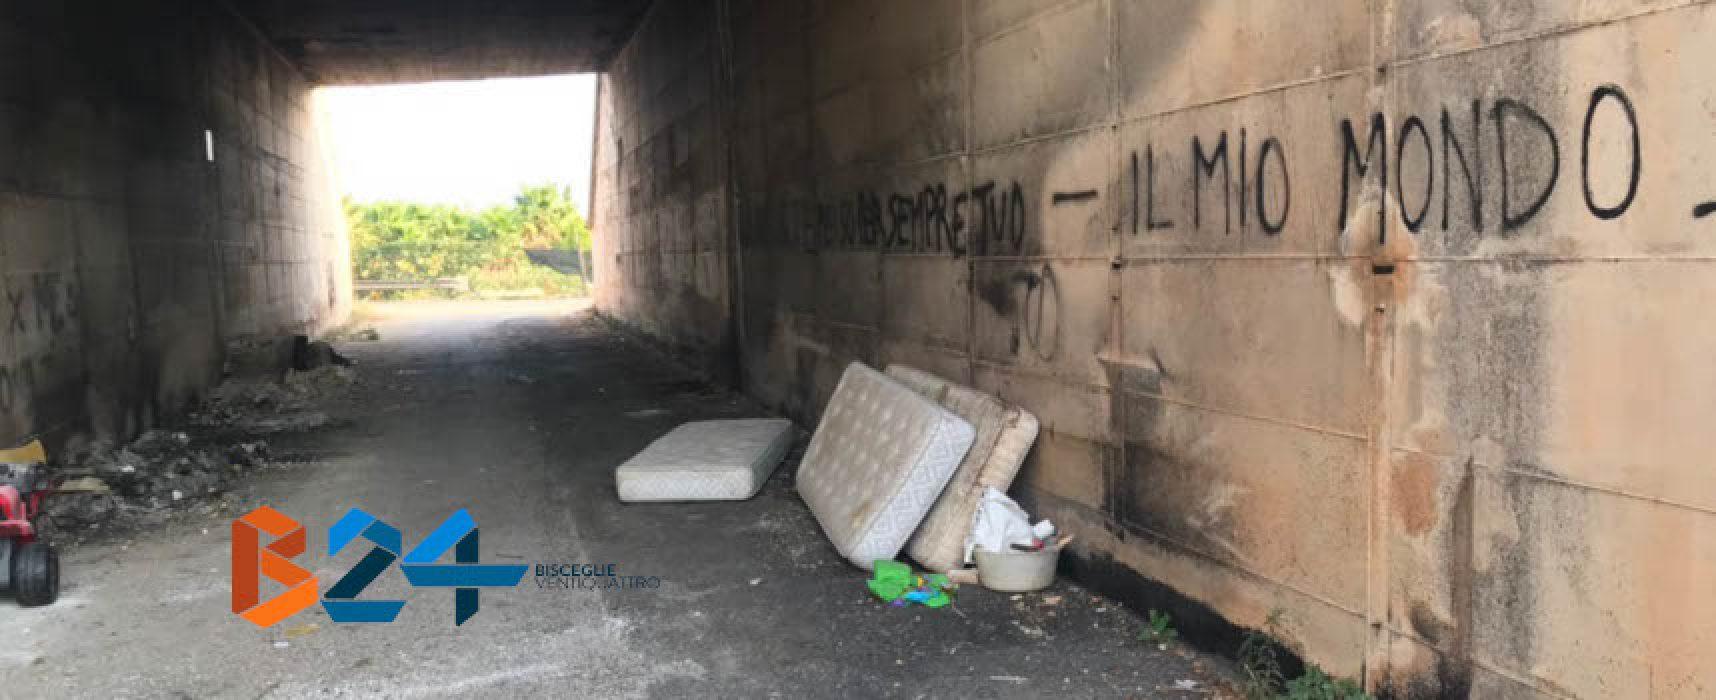 Complanare di via Ruvo ancora una volta sommersa dai rifiuti /FOTO